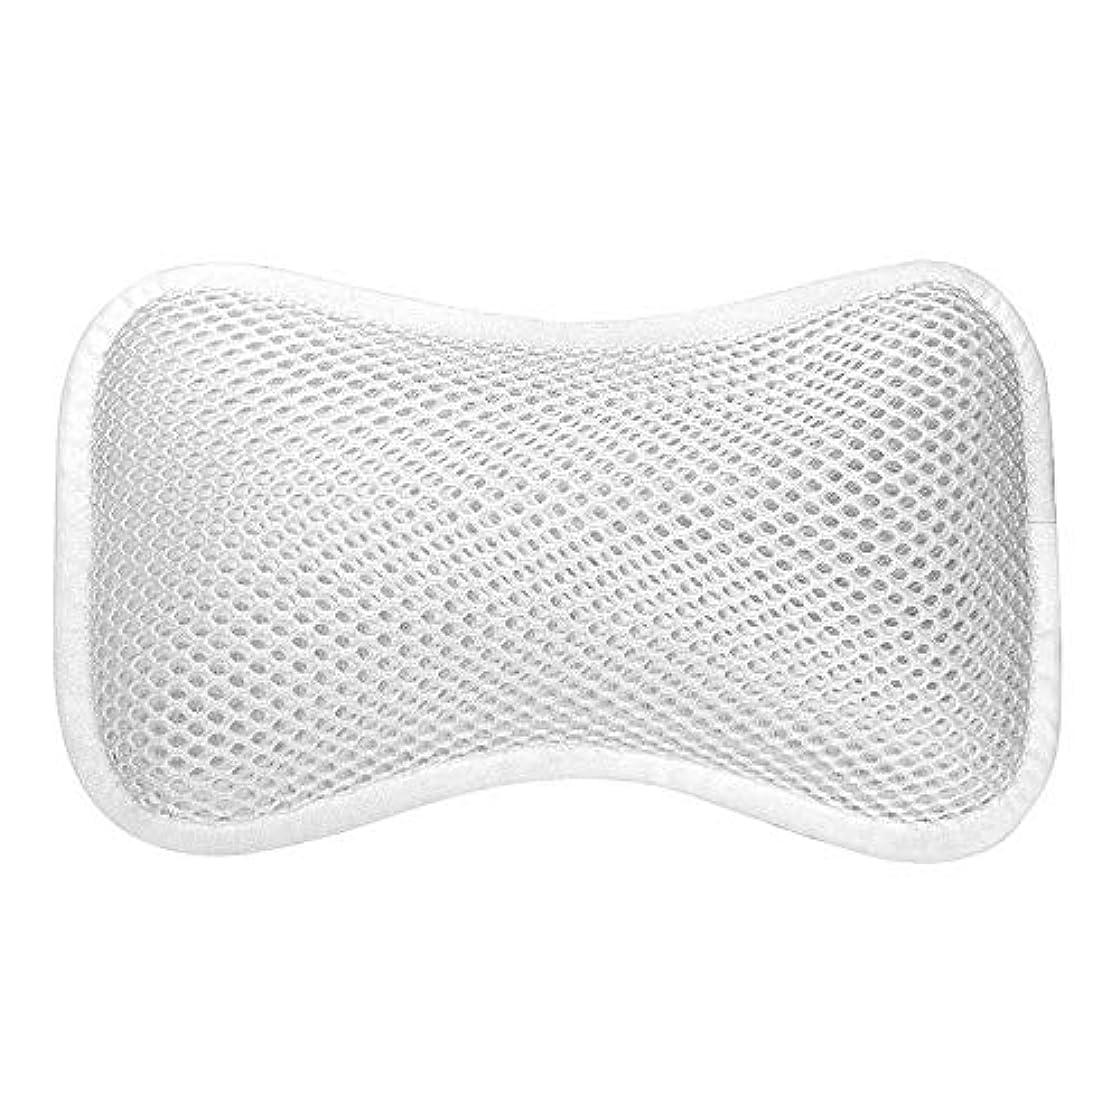 付録イースタータックル3D網の骨の定形バスタブの枕、吸盤が付いている人間工学的の設計滑り止??めの浴槽の枕